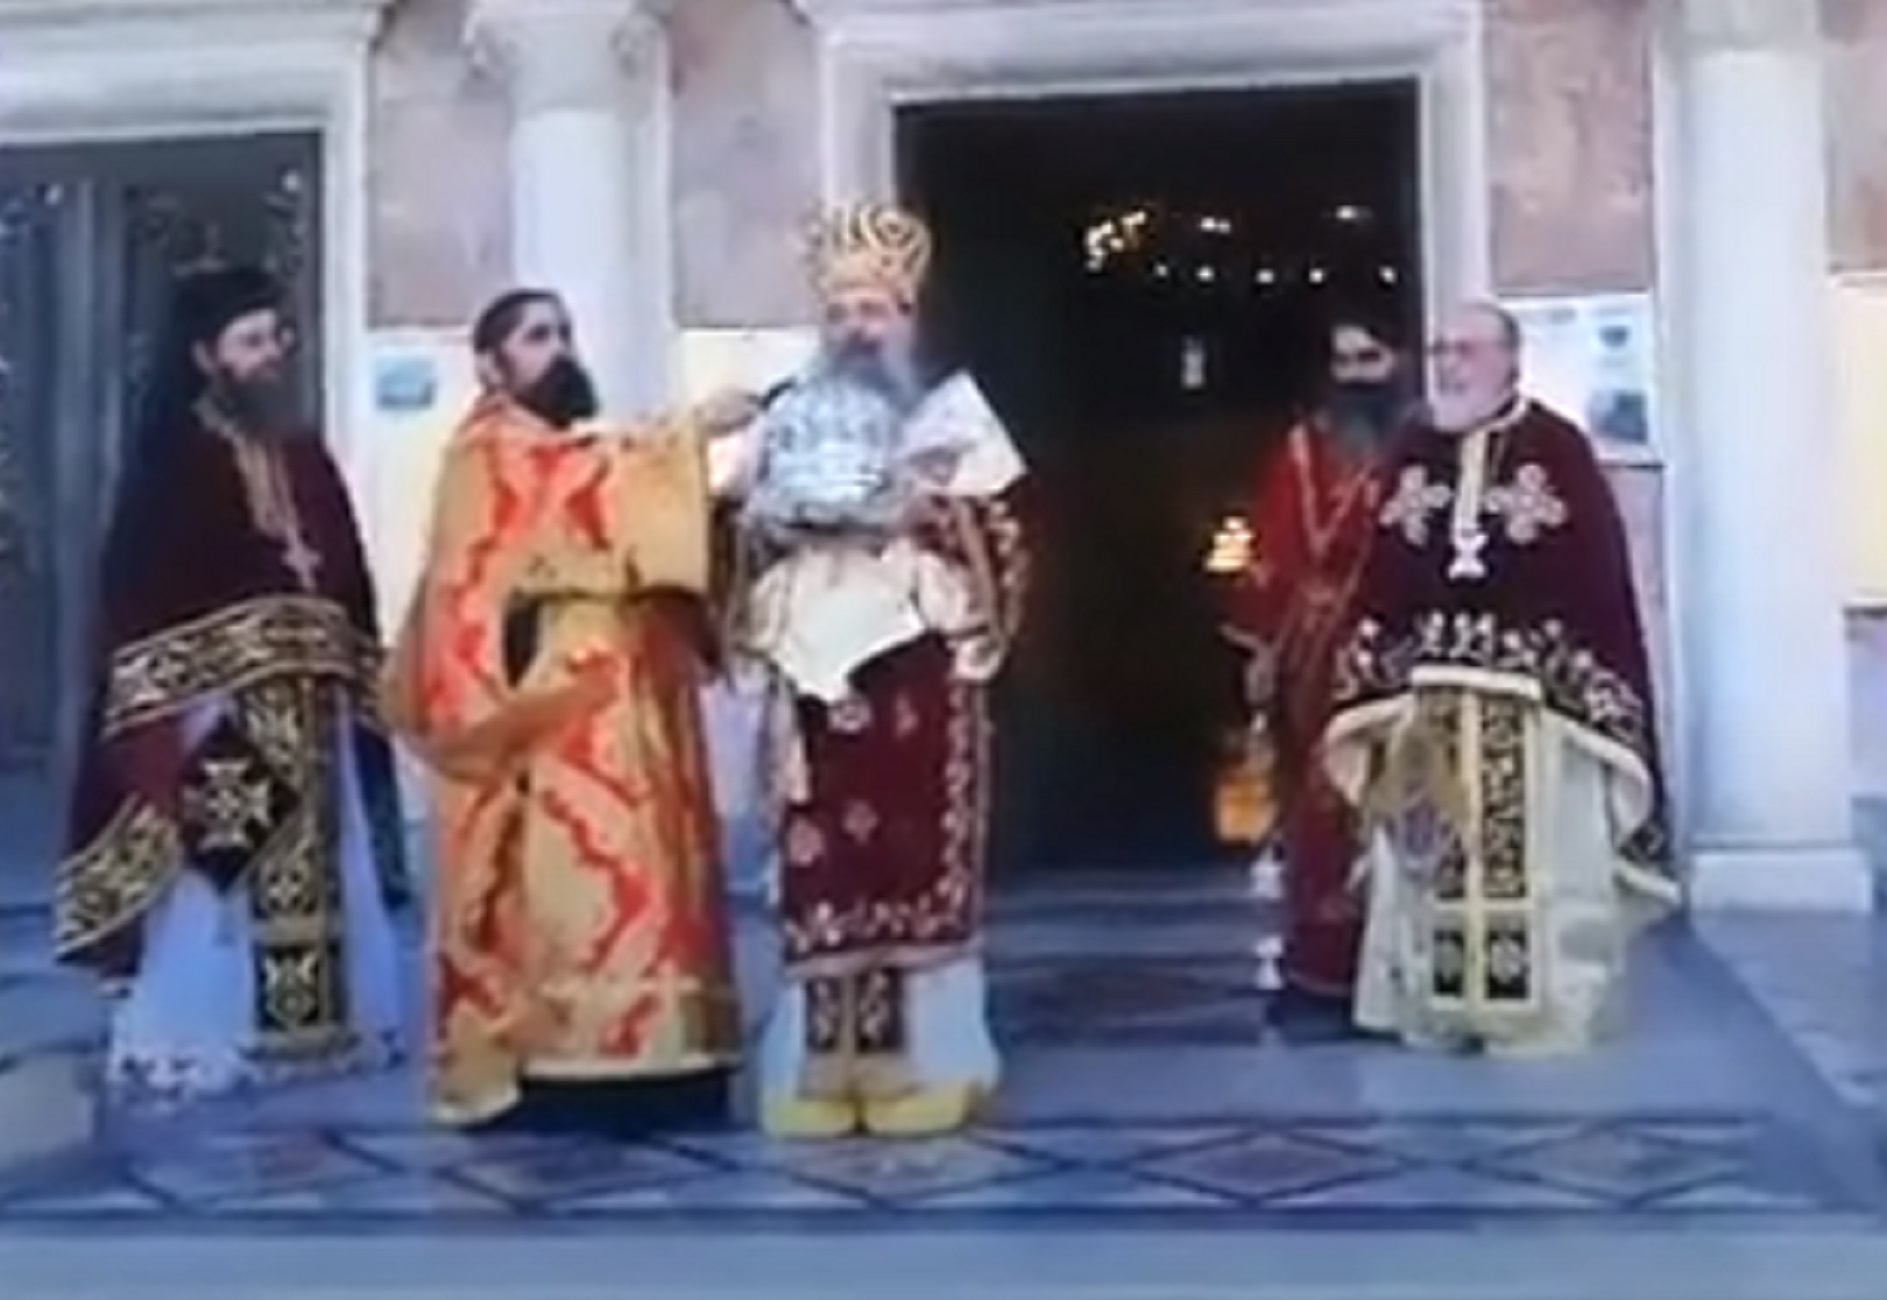 Πάτρα: Η περιφορά της Τίμιας Κάρας του Αγίου Ανδρέα και το συγκινητικό μήνυμα του μητροπολίτη (Βίντεο)